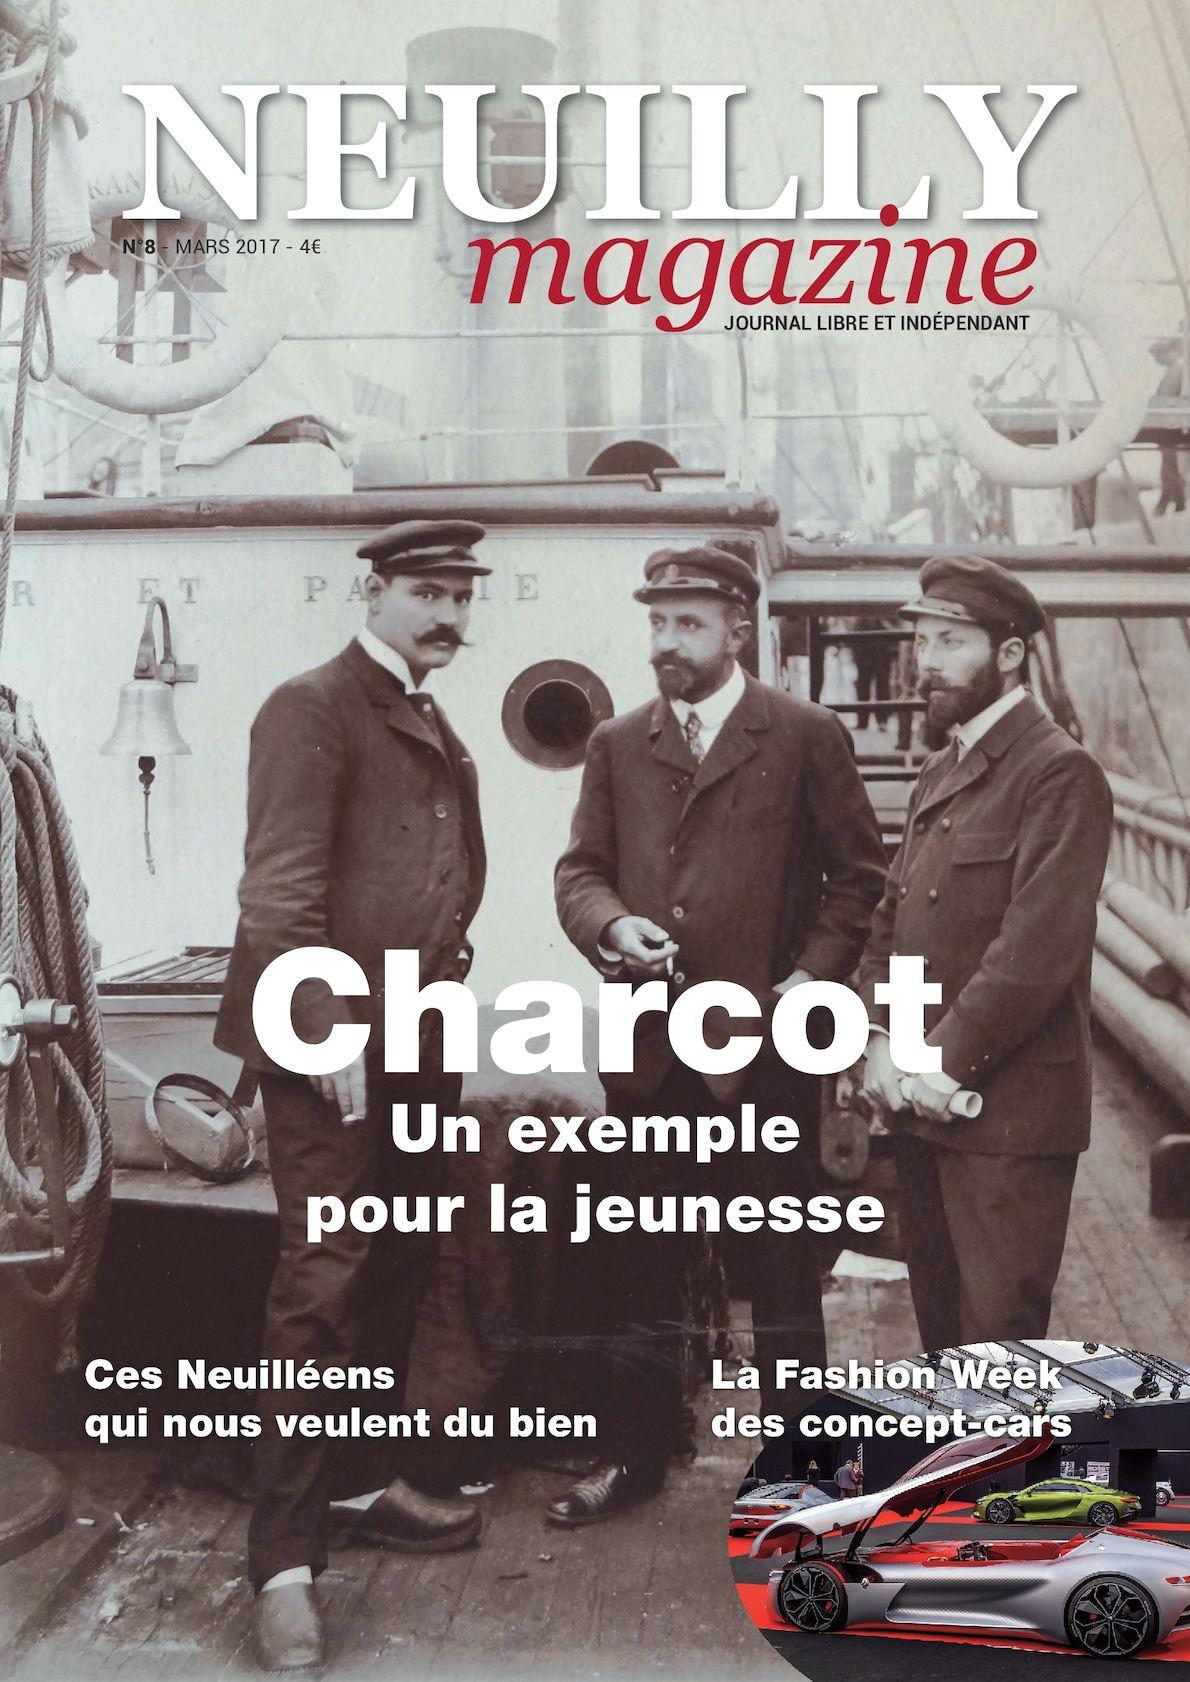 Neuilly Magazine n°8 - mars 2017